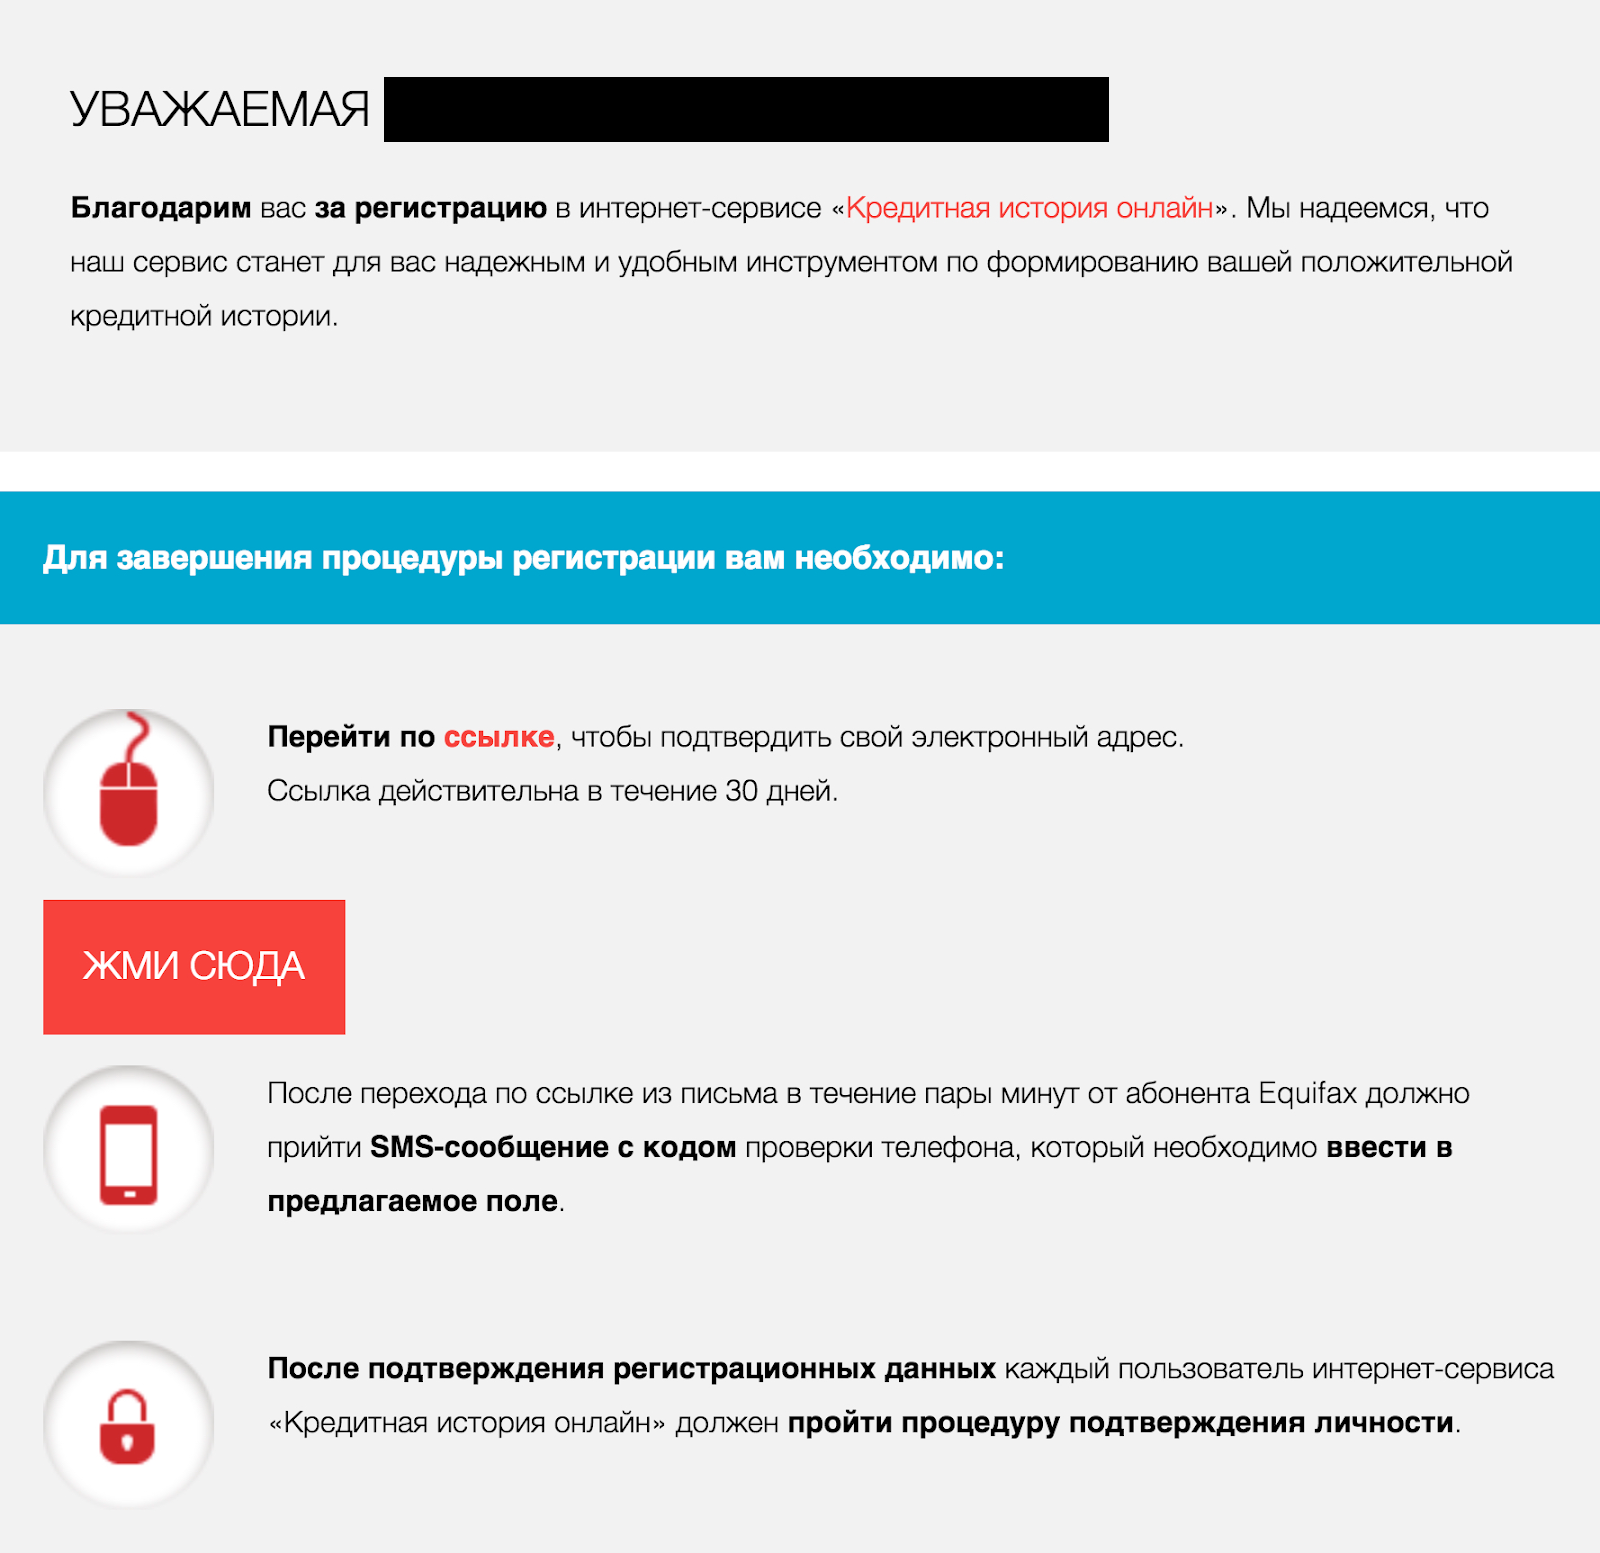 проверить авто на залог по гос номеру бесплатно россия бесплатно